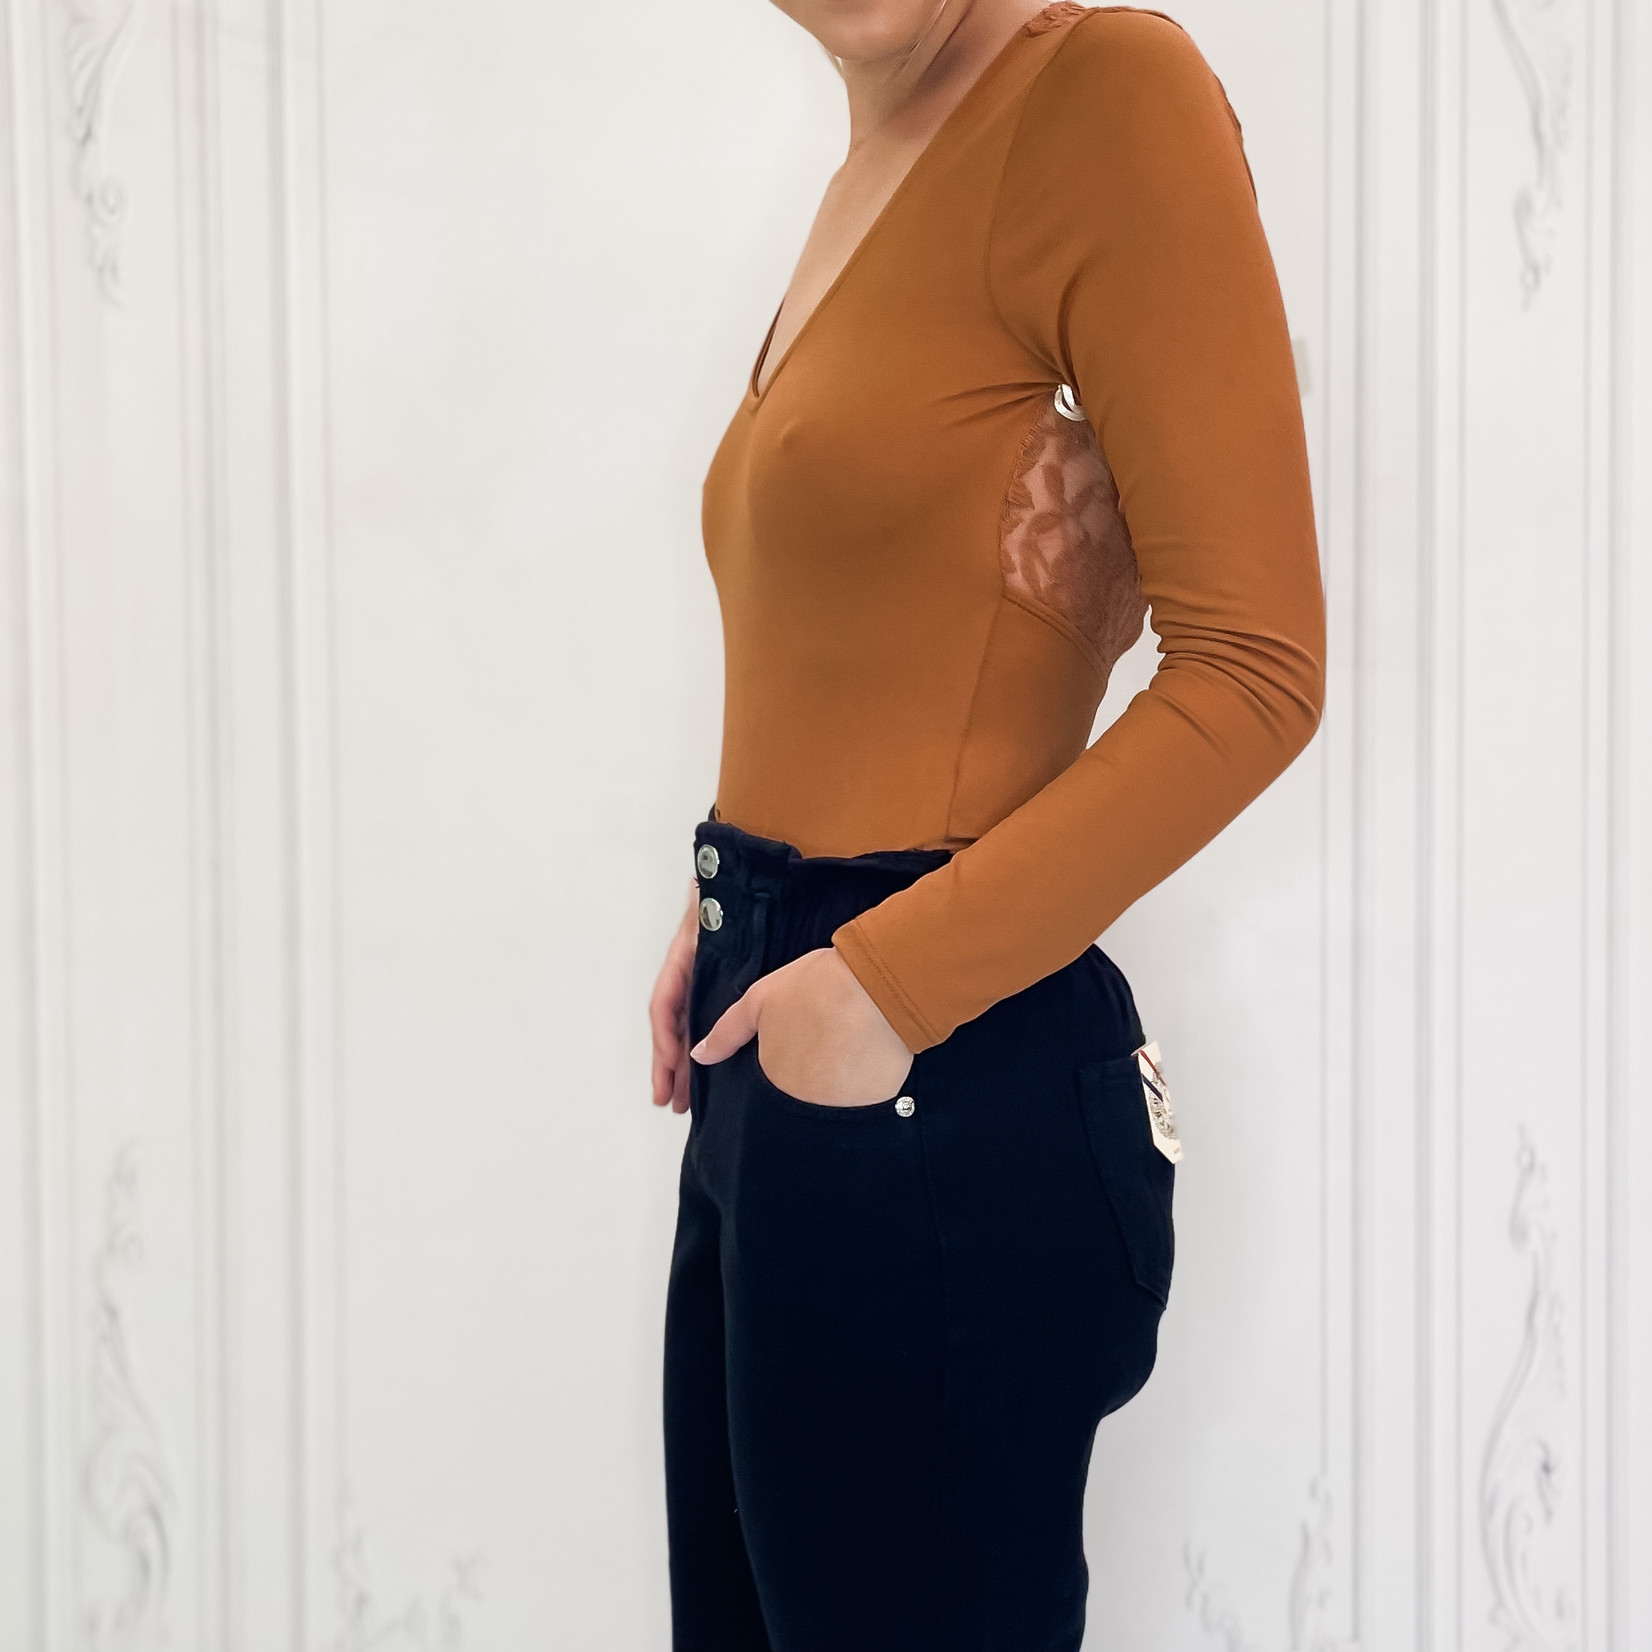 Izabella long sleeve bodysuit